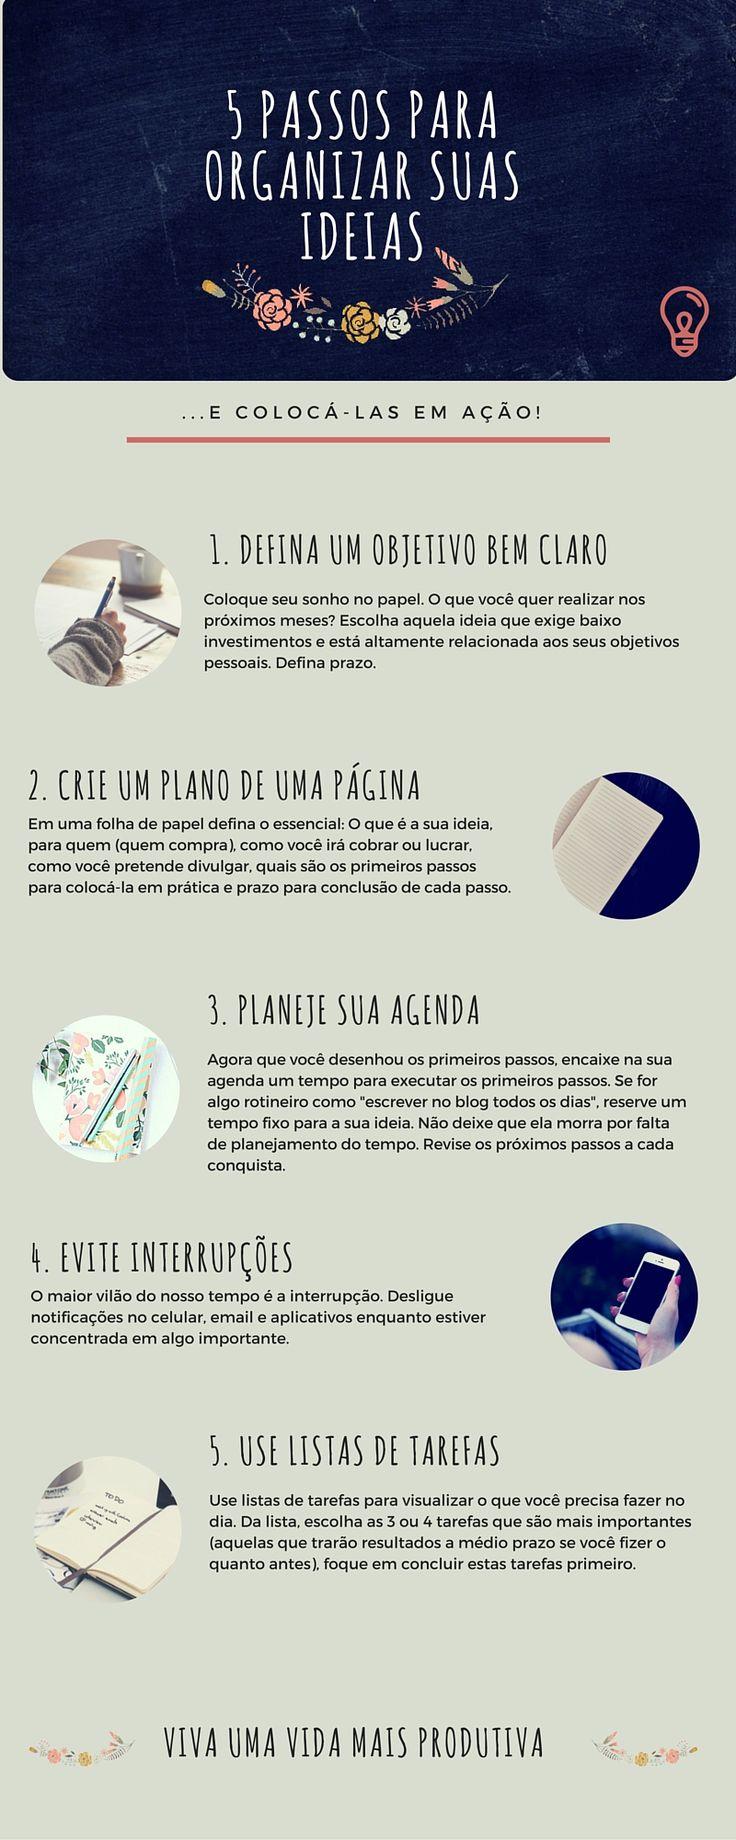 5 passos para #organizar #ideias